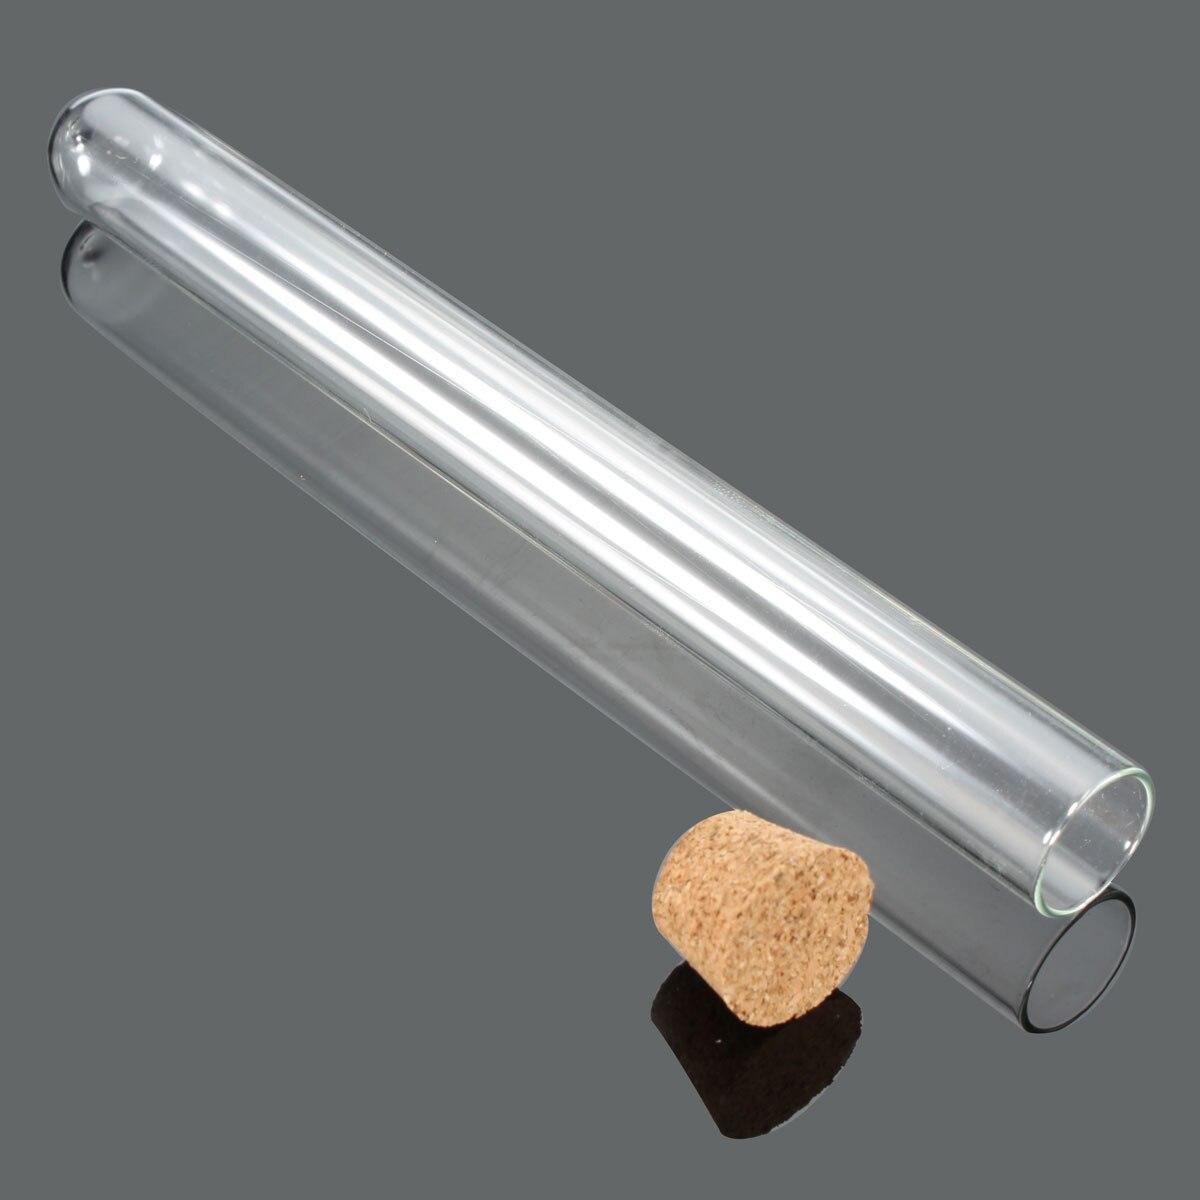 100 шт./упак. 20X200 мм лабораторная стеклянная пробирка с корковые пробки лабораторные школьные образовательные принадлежности химия стеклянная посуда